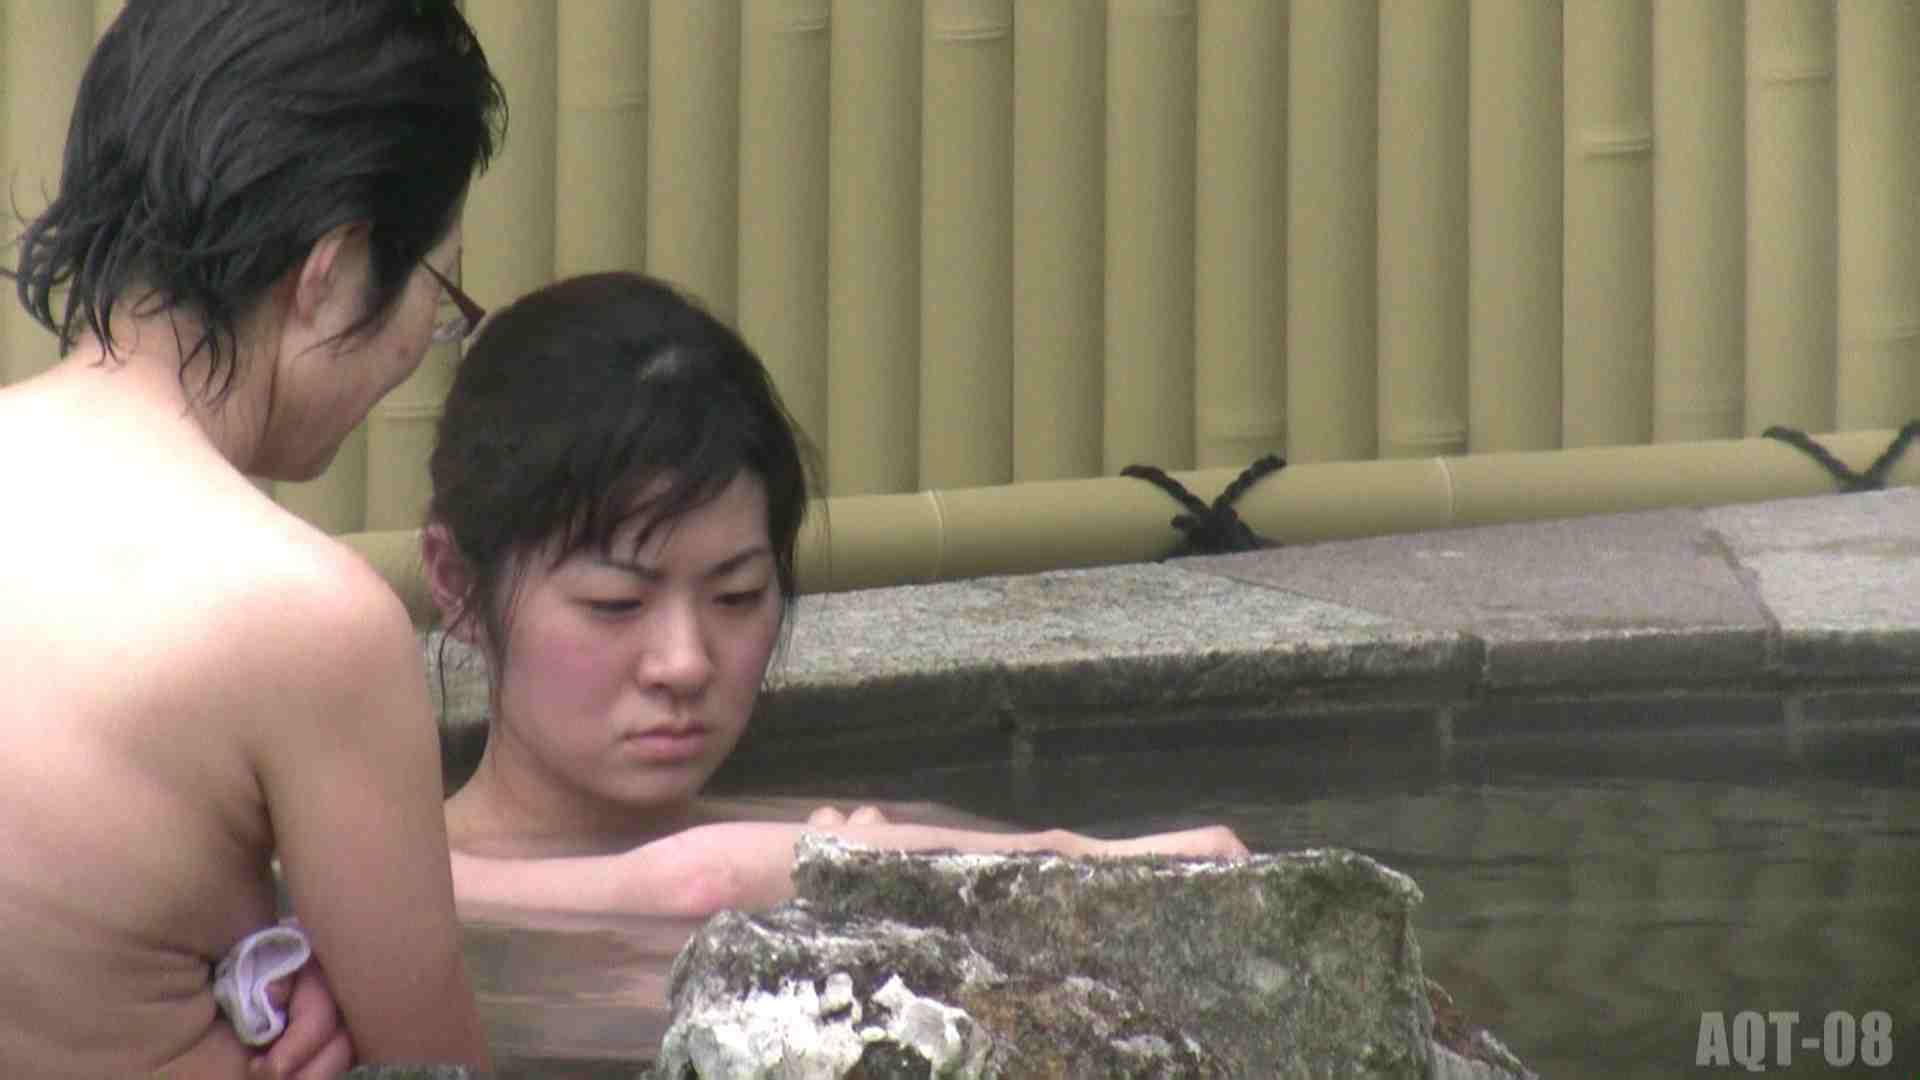 Aquaな露天風呂Vol.774 美しいOLの裸体 | 盗撮師作品  78pic 31